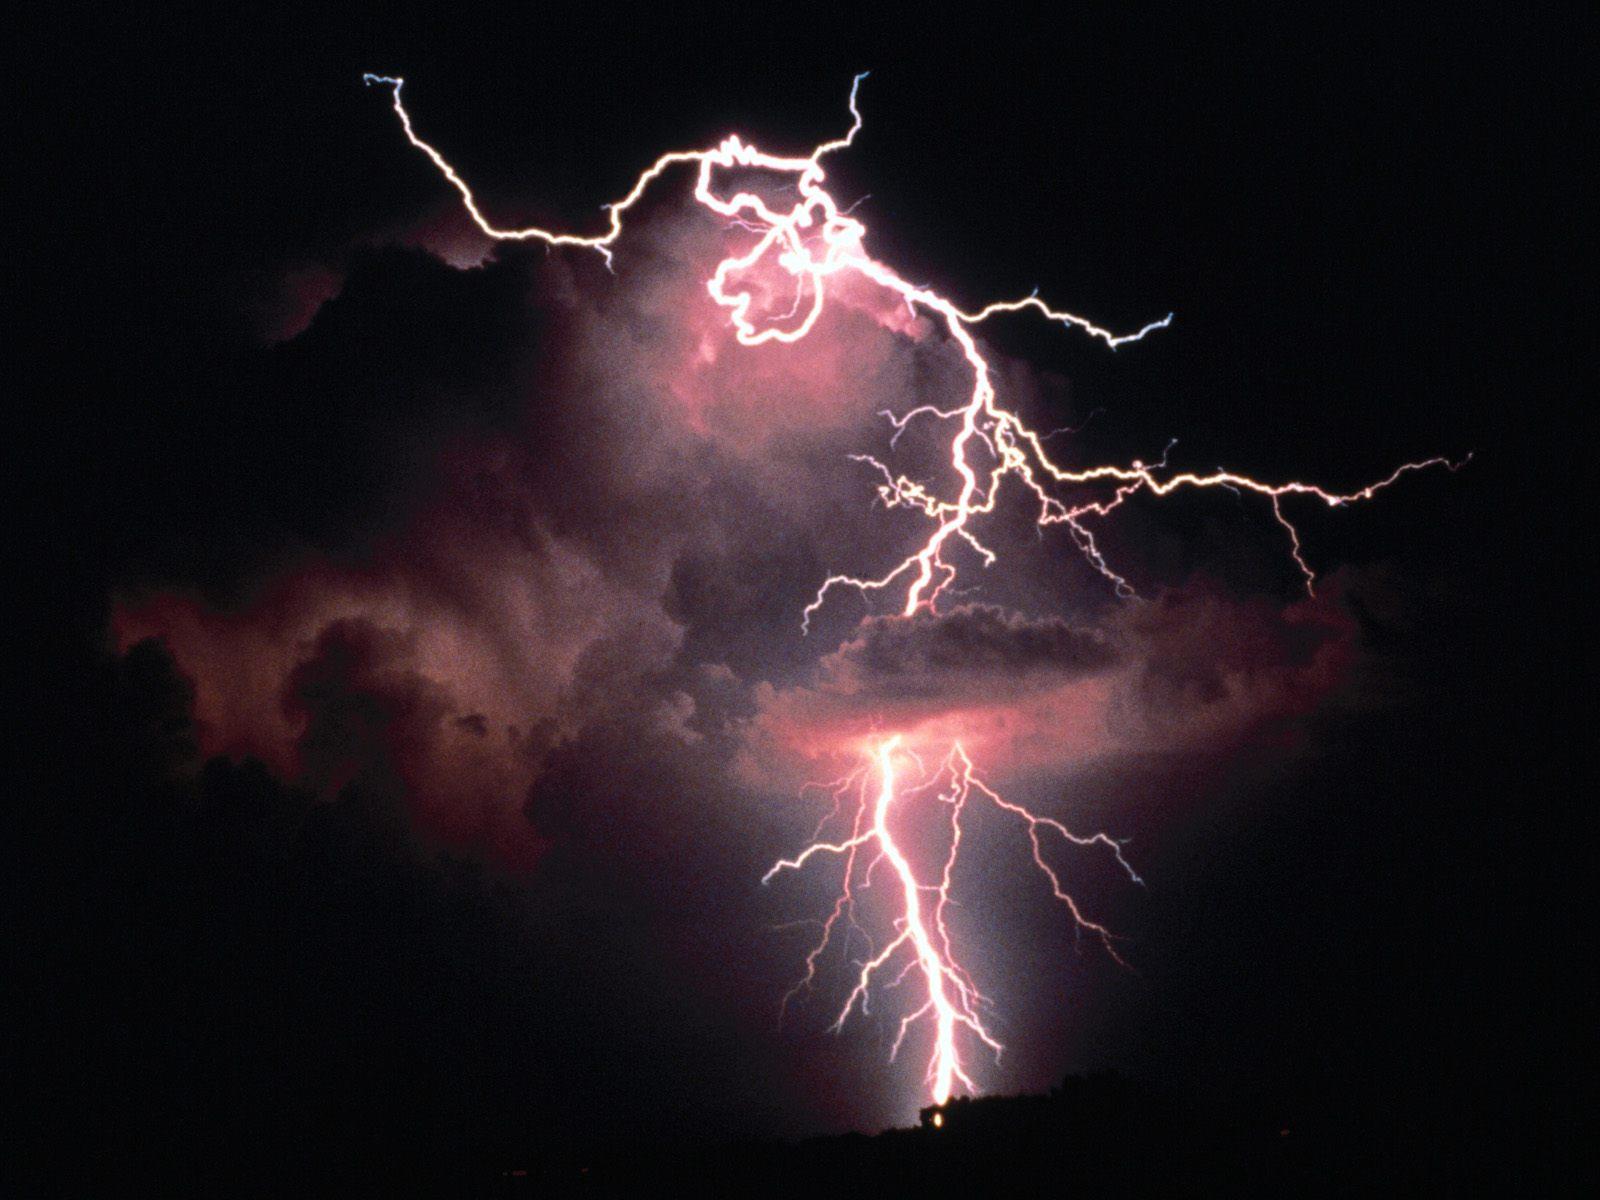 lightning strike wallpaper-#7